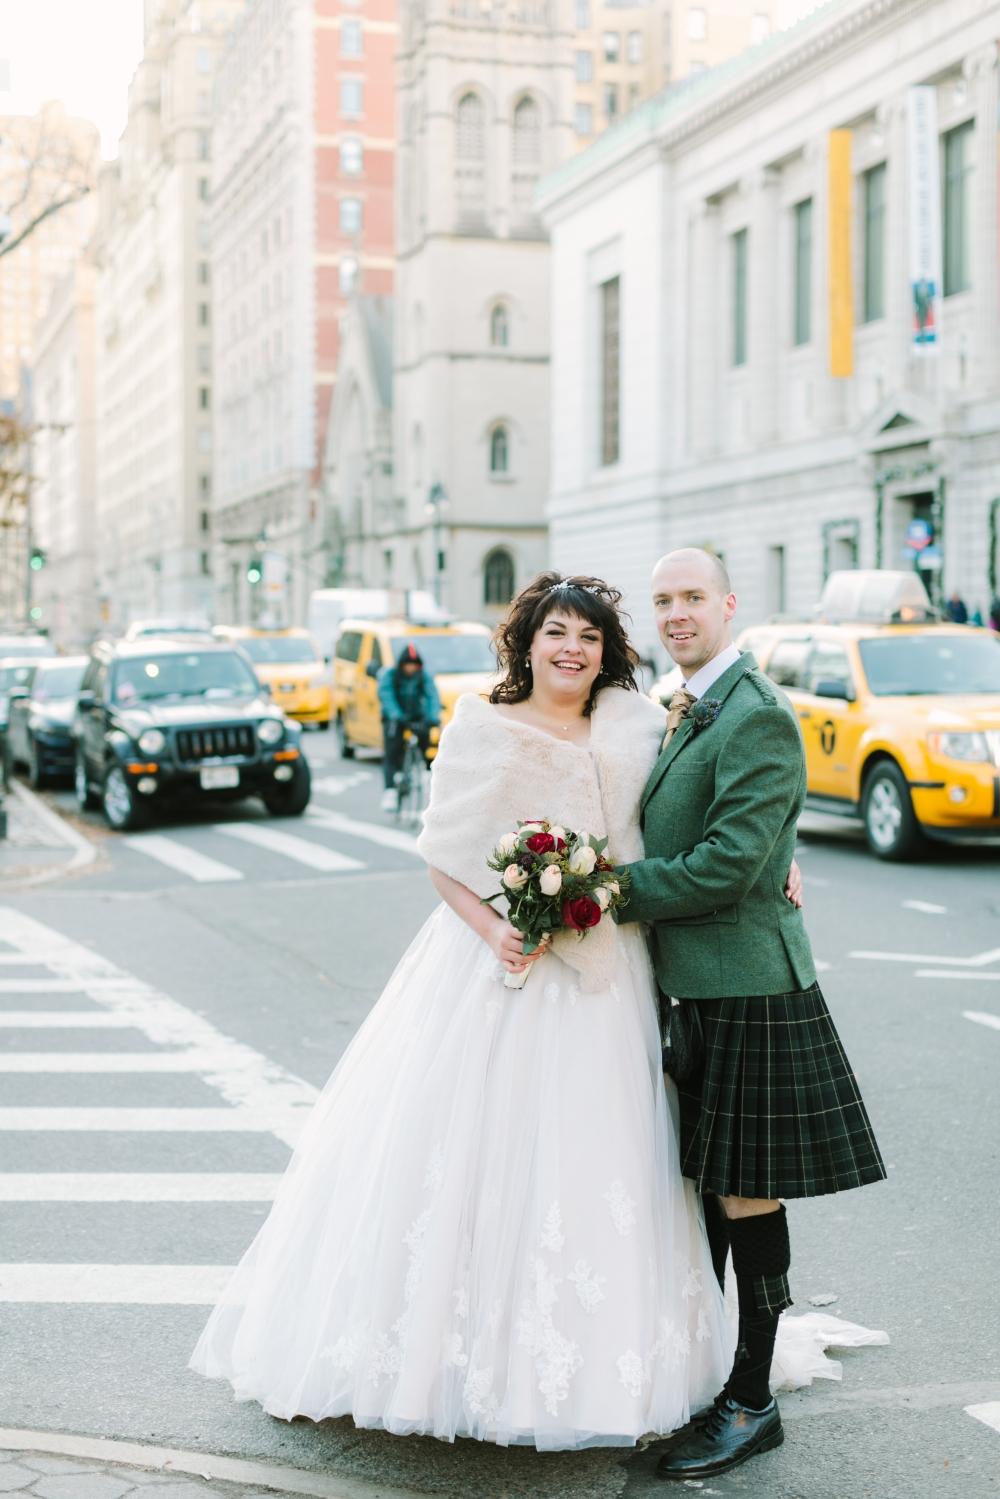 Central-park-wedding-JM-242